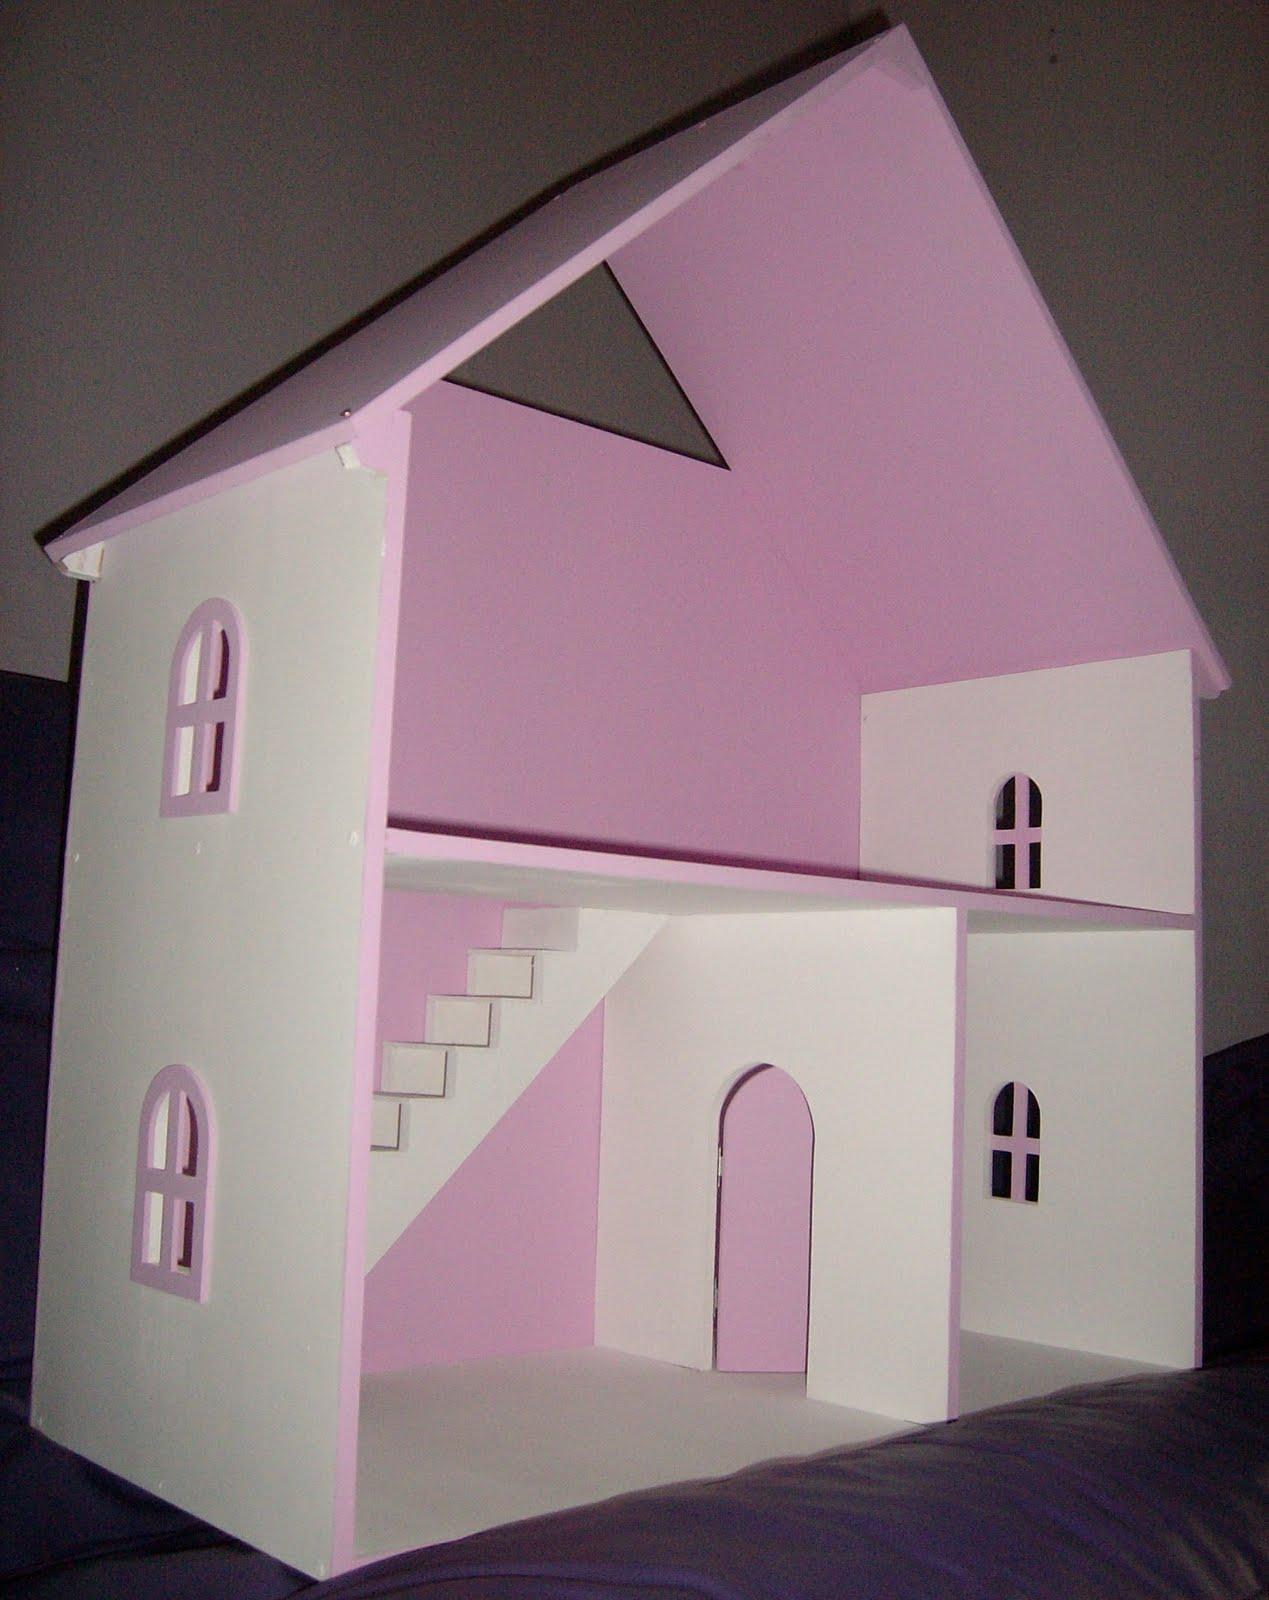 Pimpu casa de mu ecas - Casa de munecas teatro ...